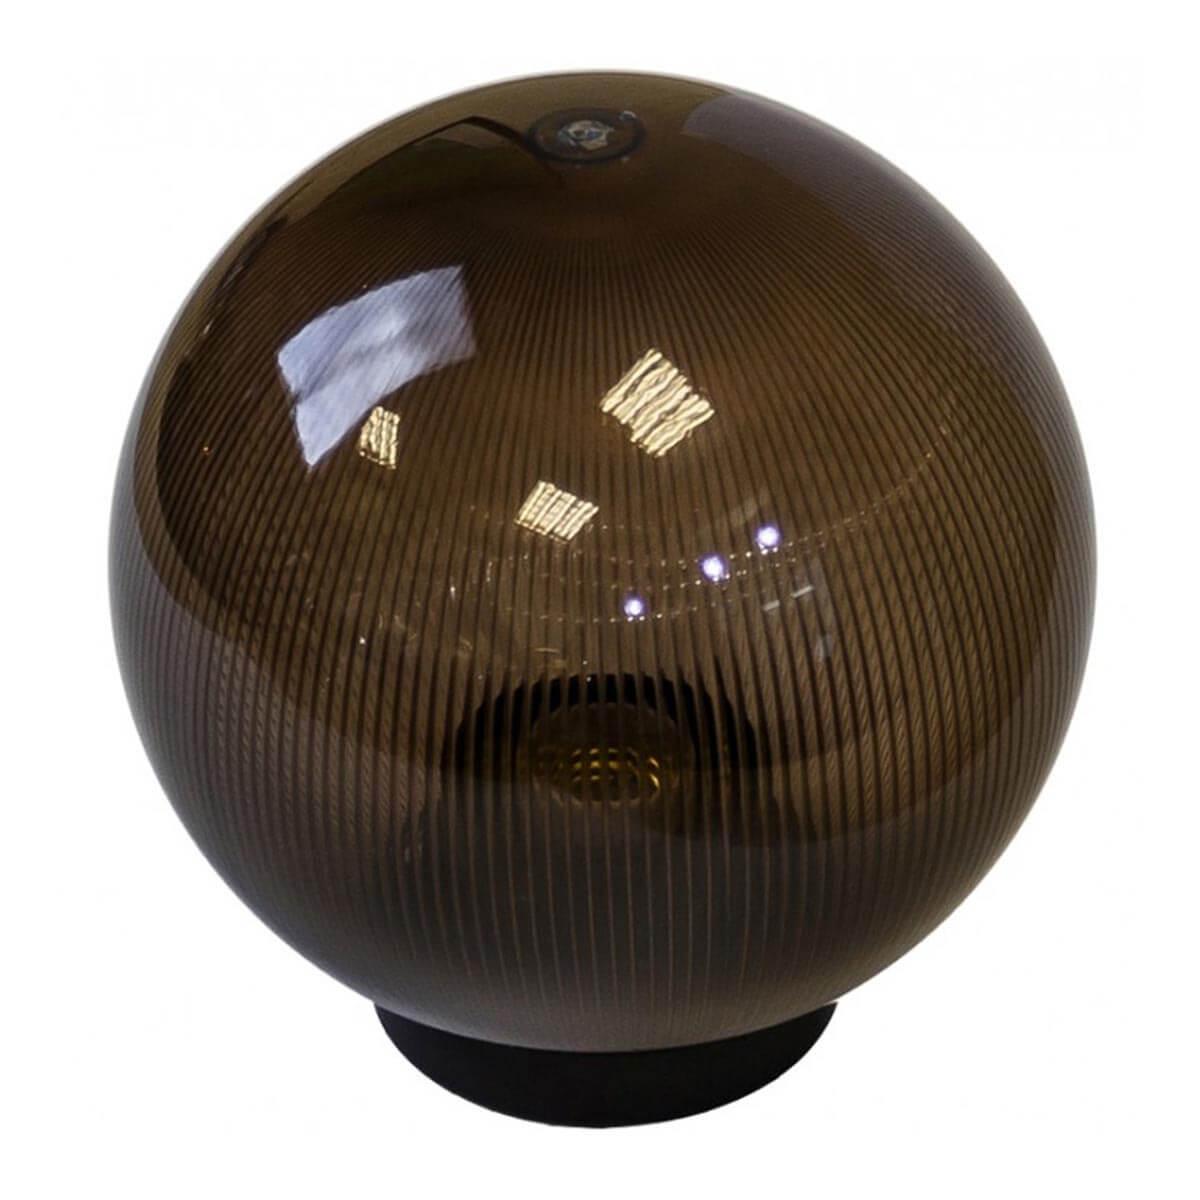 Уличный светильник ЭРА НТУ 02-60-205 Б0048070